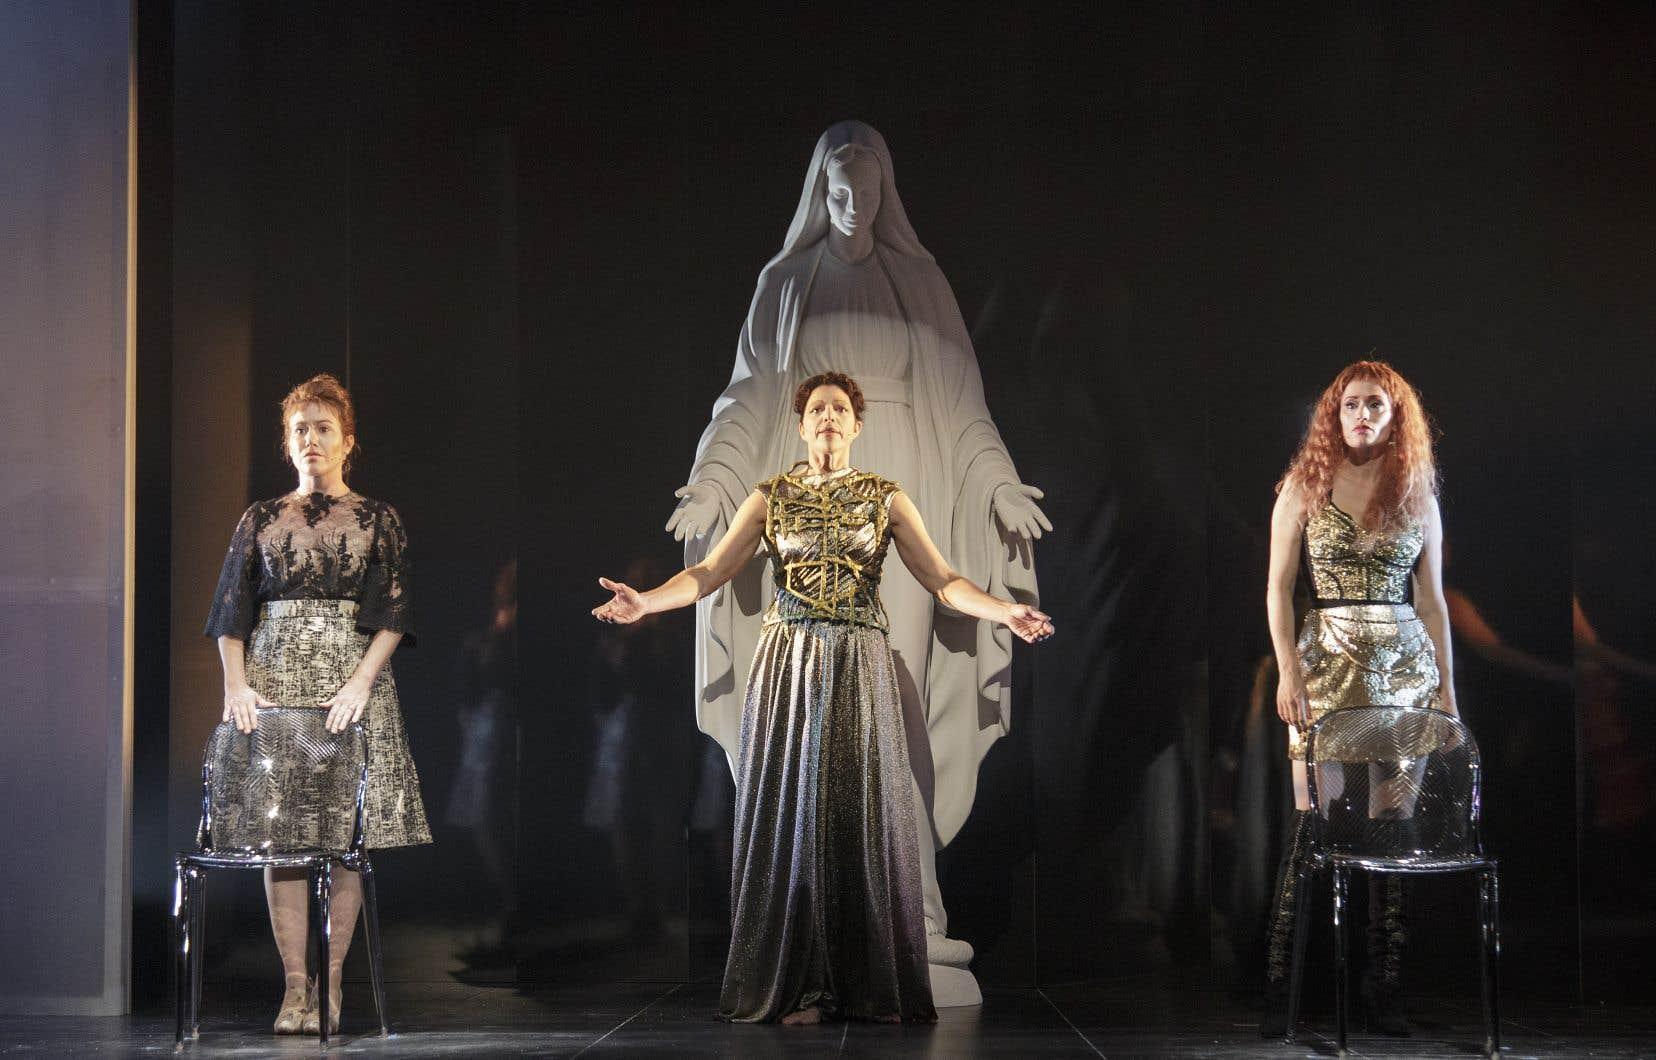 La pièce «Les fées ont soif» a eu un grand retentissement médiatique en 2018.